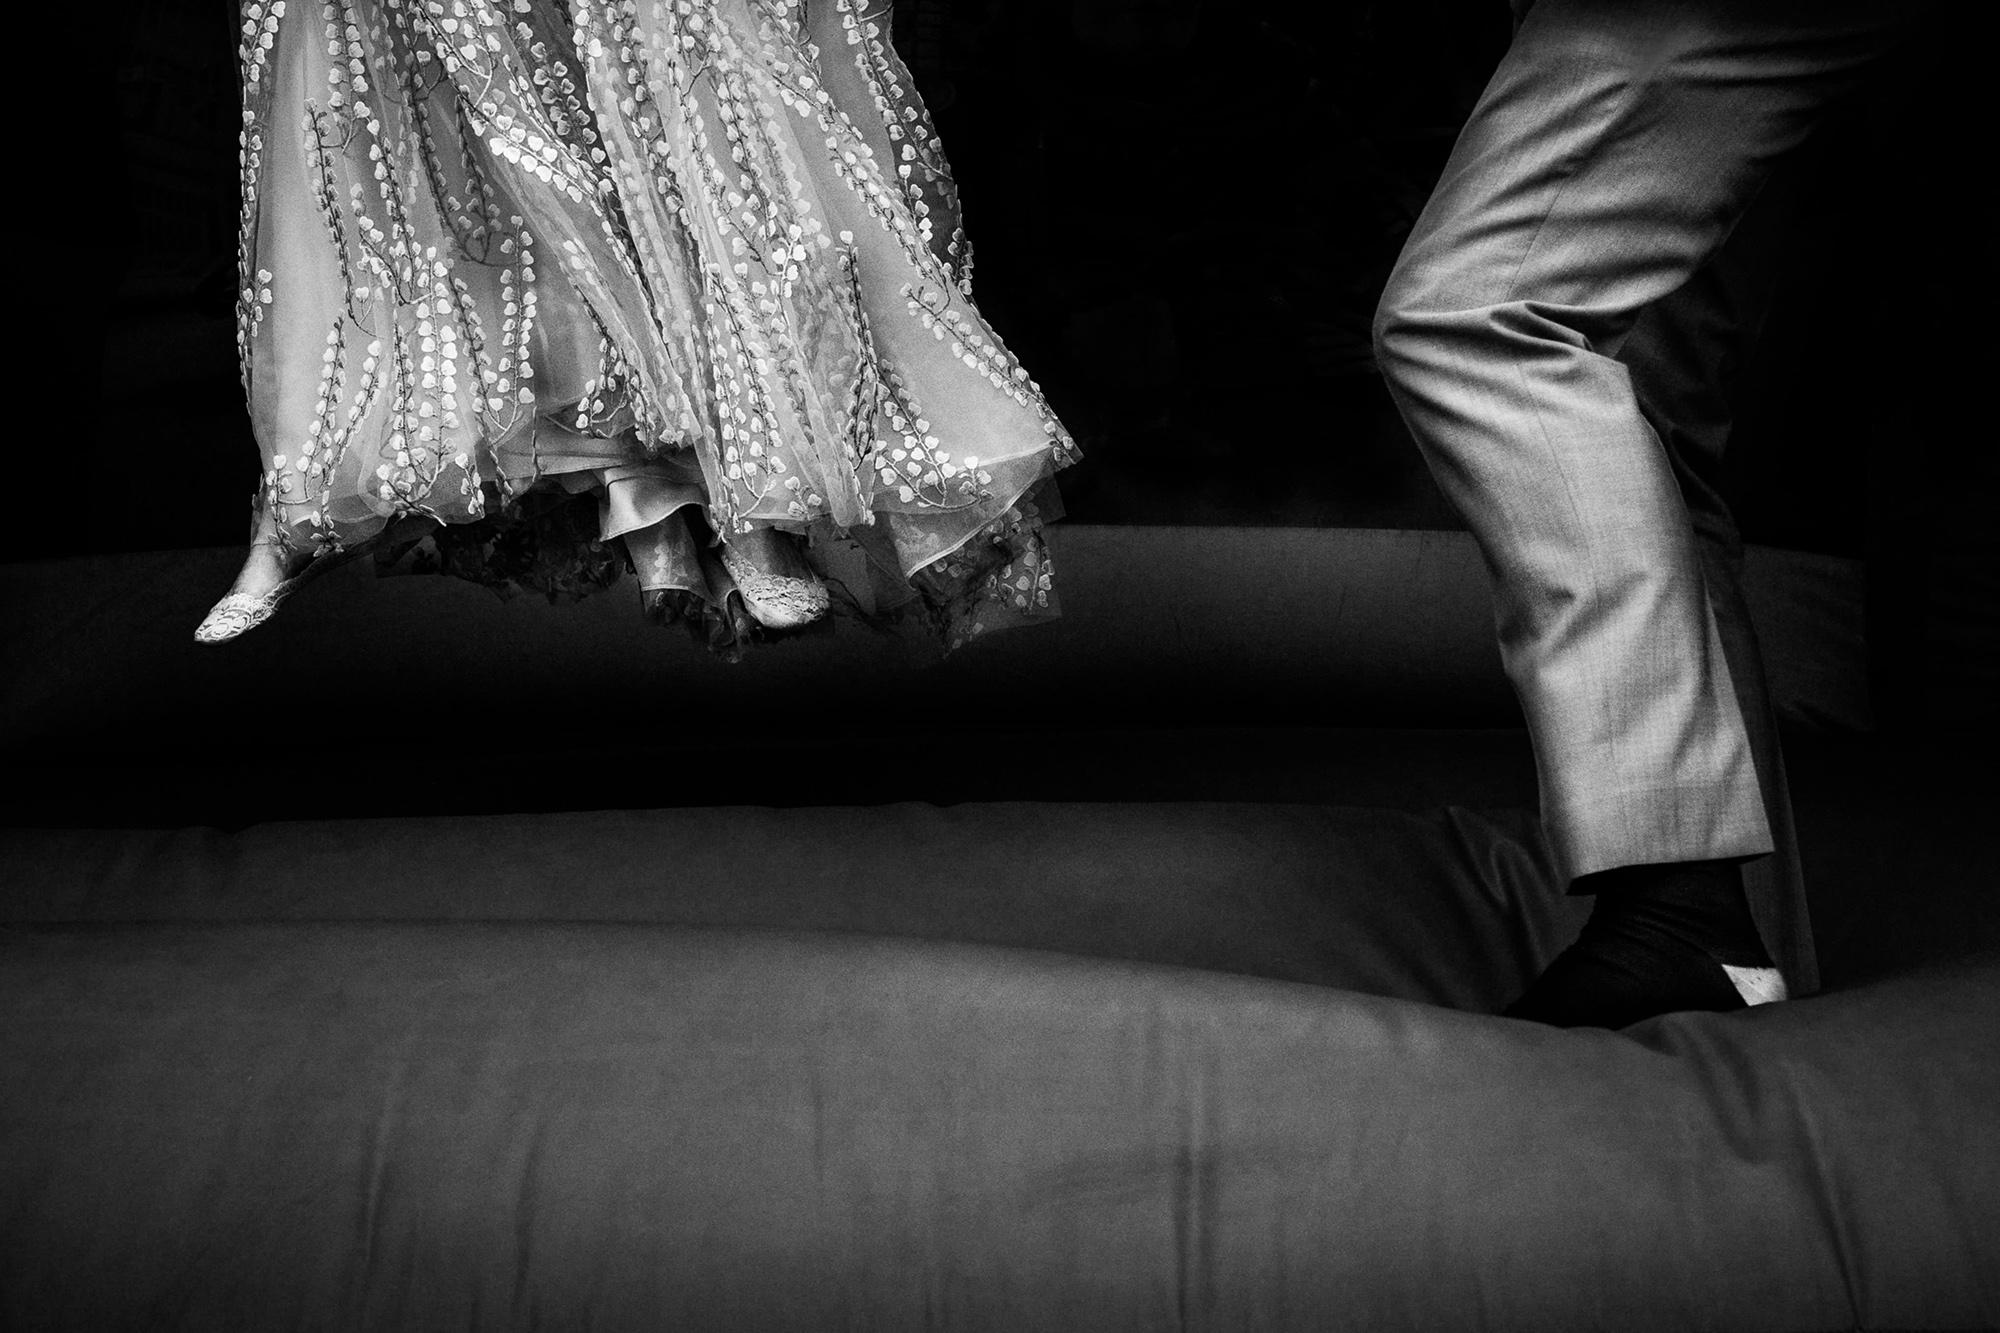 A bride and groom's feet on a bouncy castle